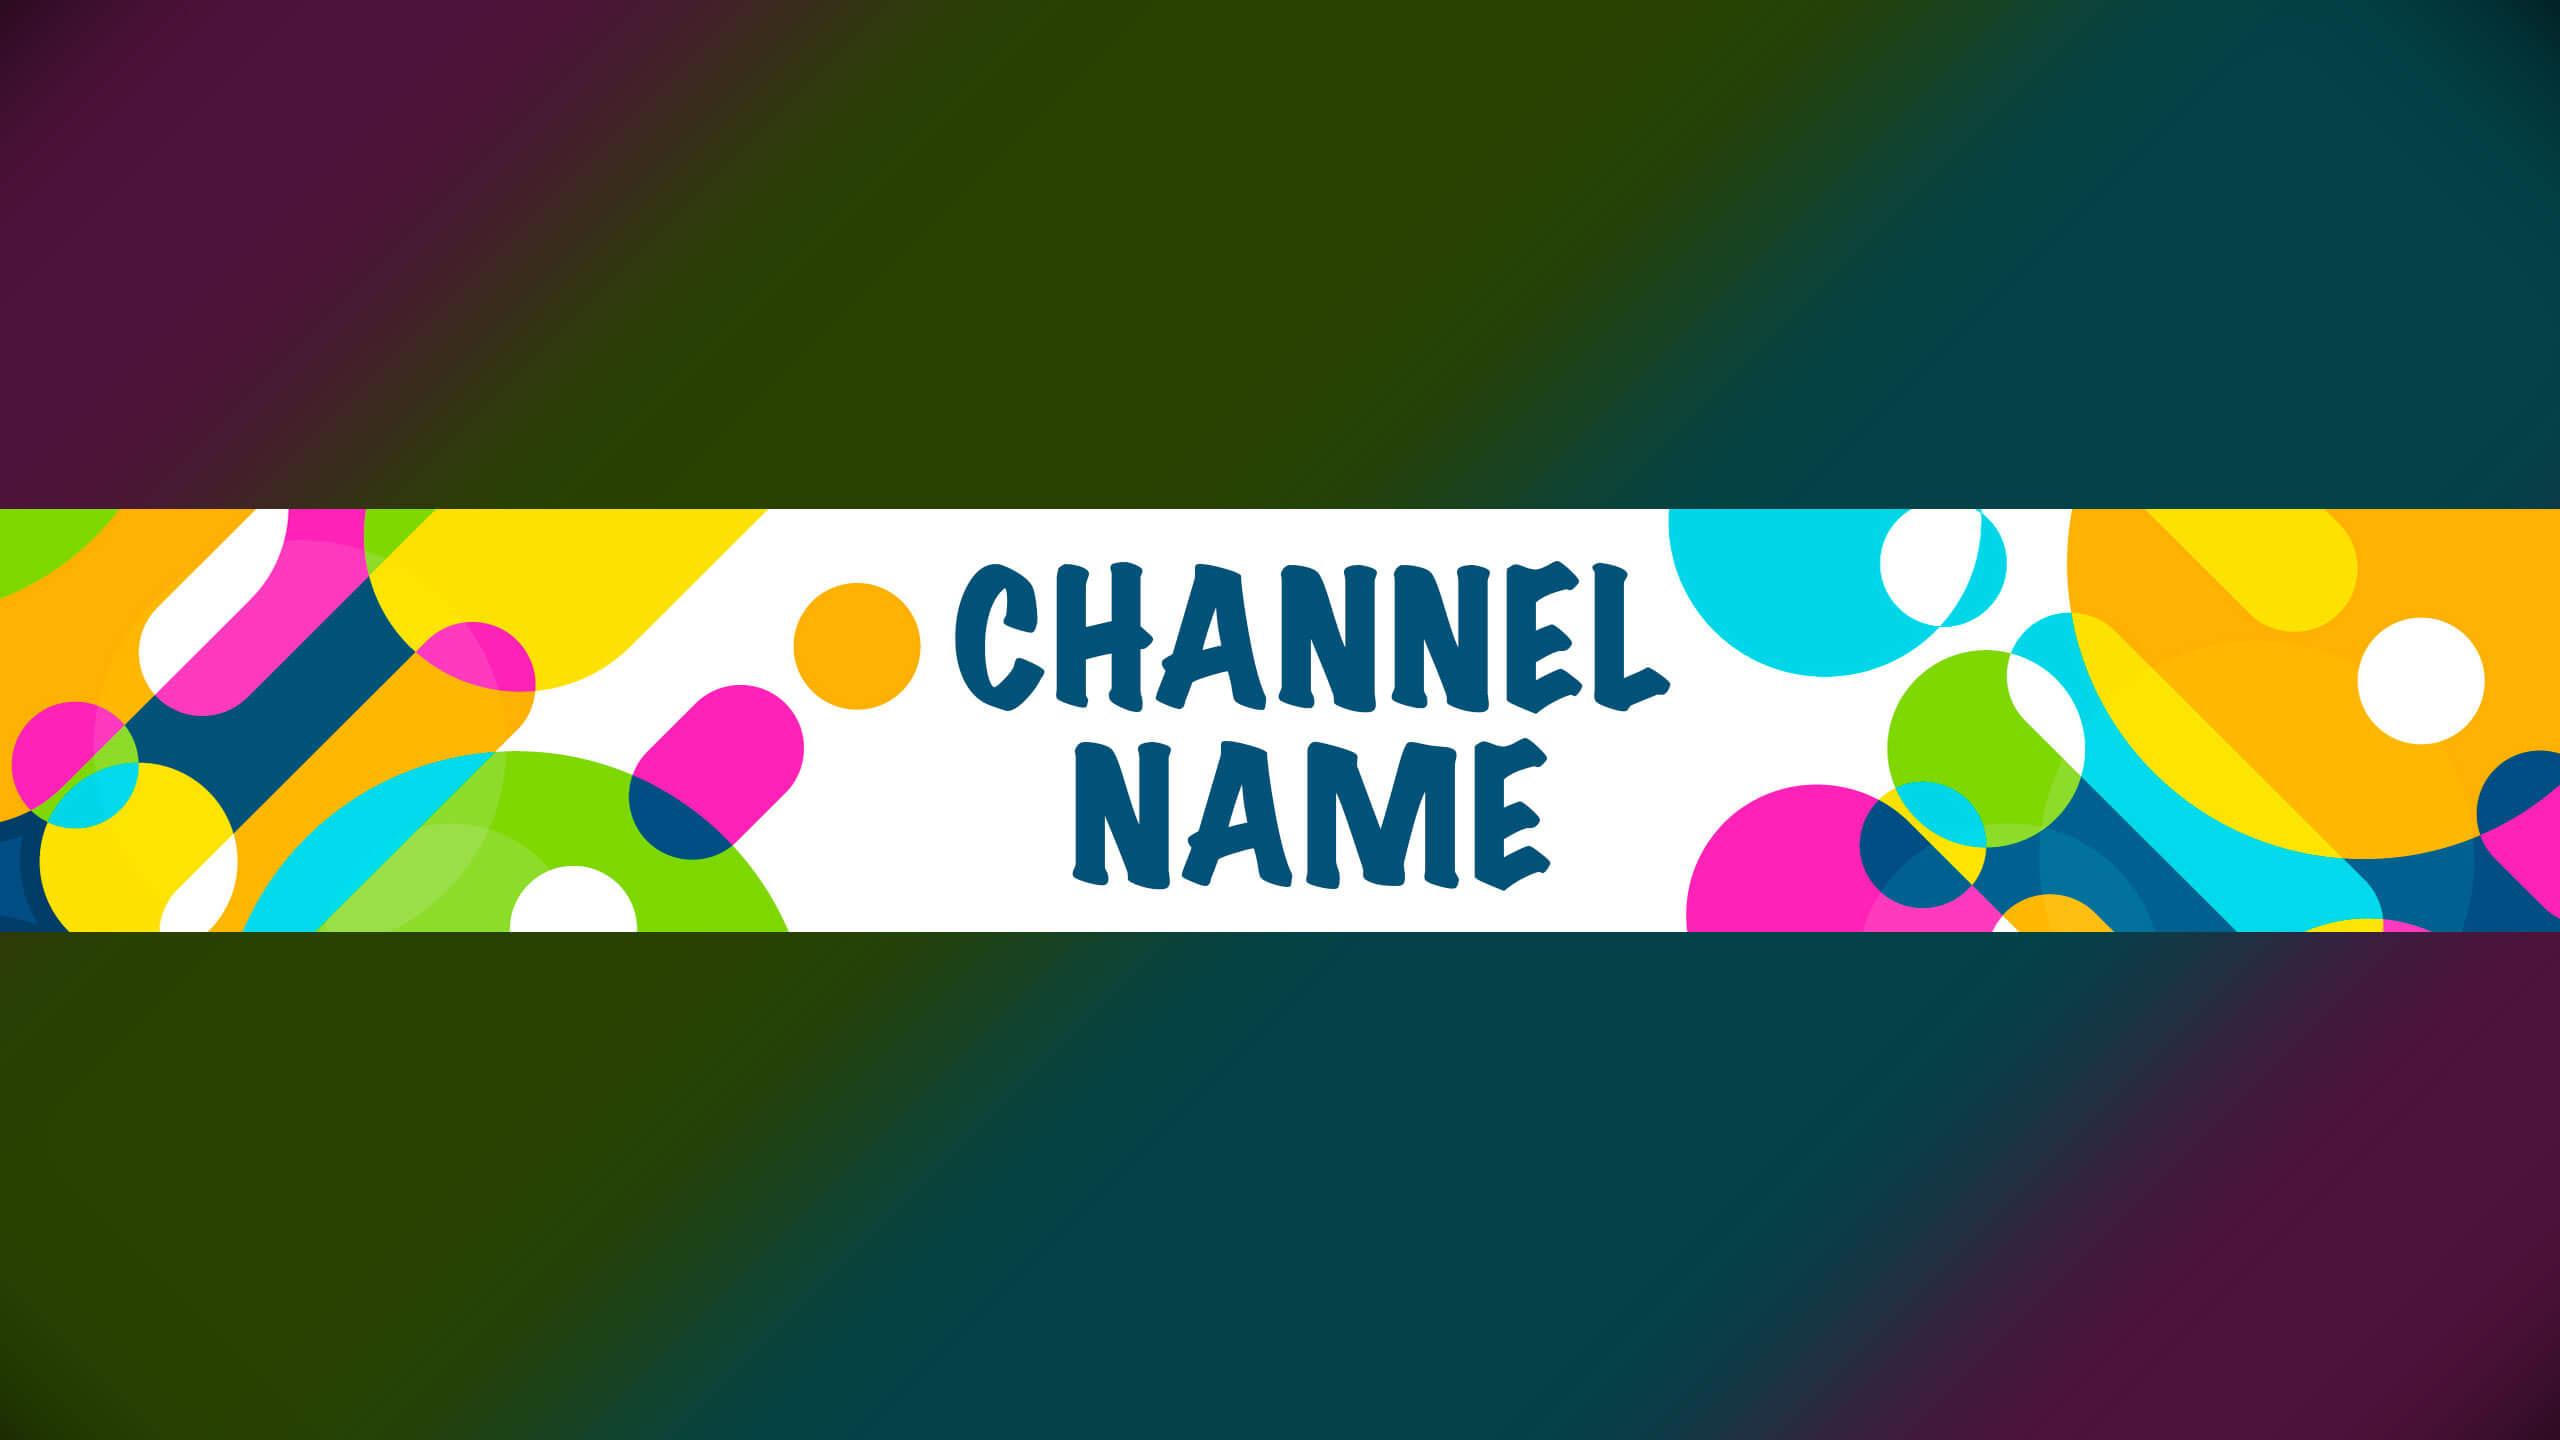 Картинка для фона ютуб канала с разноцветными кругами.